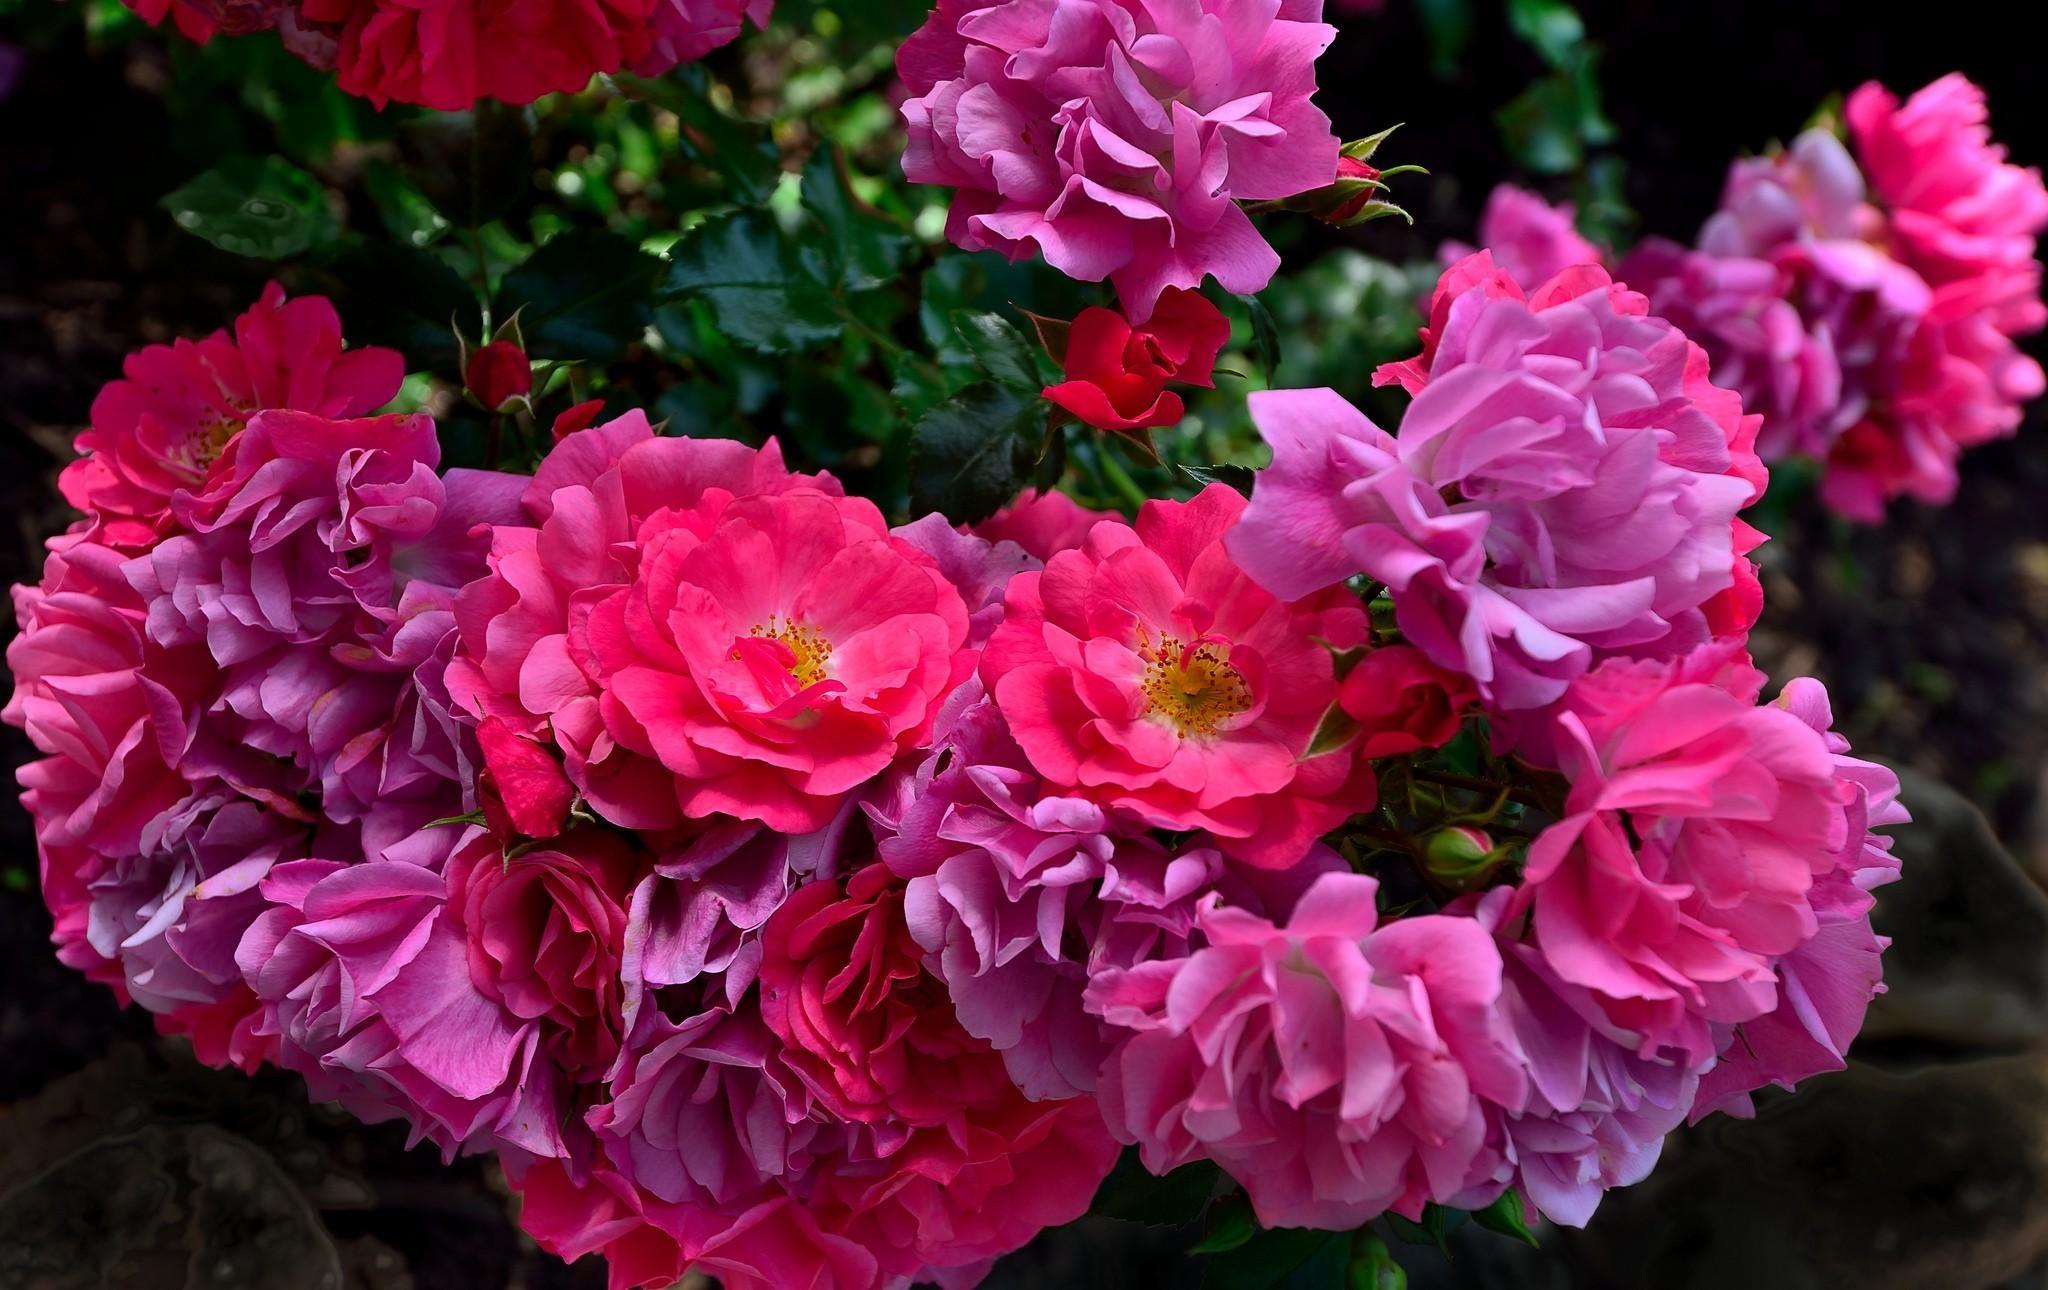 111069 скачать обои Цветы, Распущенные, Сад, Размытость, Розы - заставки и картинки бесплатно